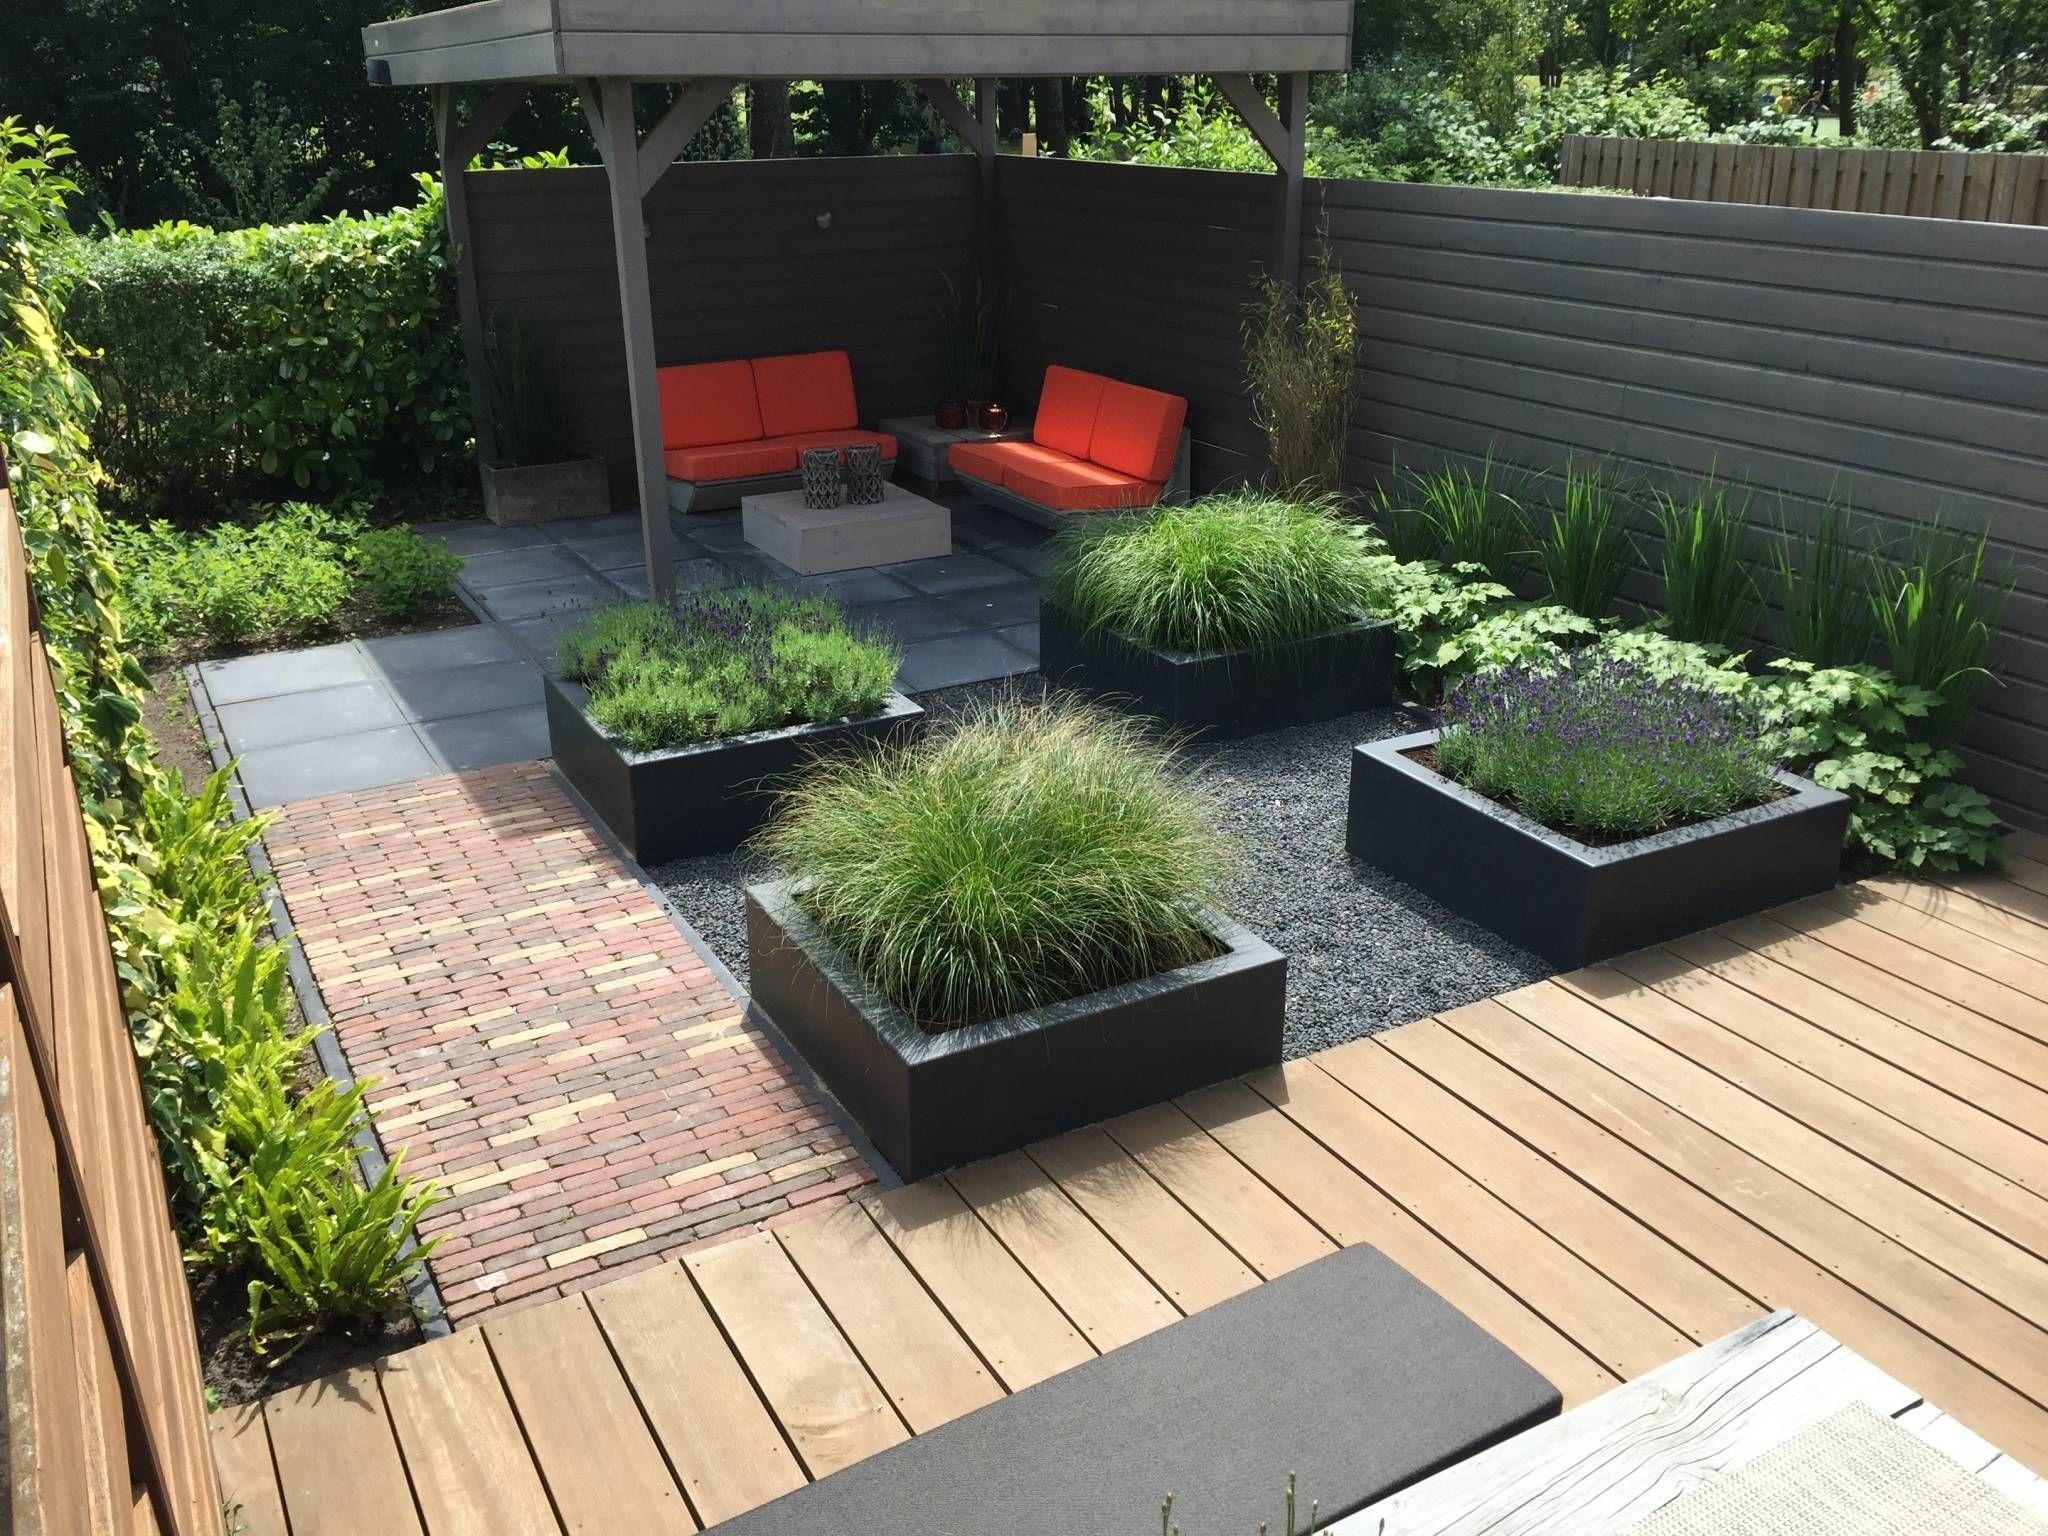 Ideeën inspiratie foto s van verbouwingen modern garden by